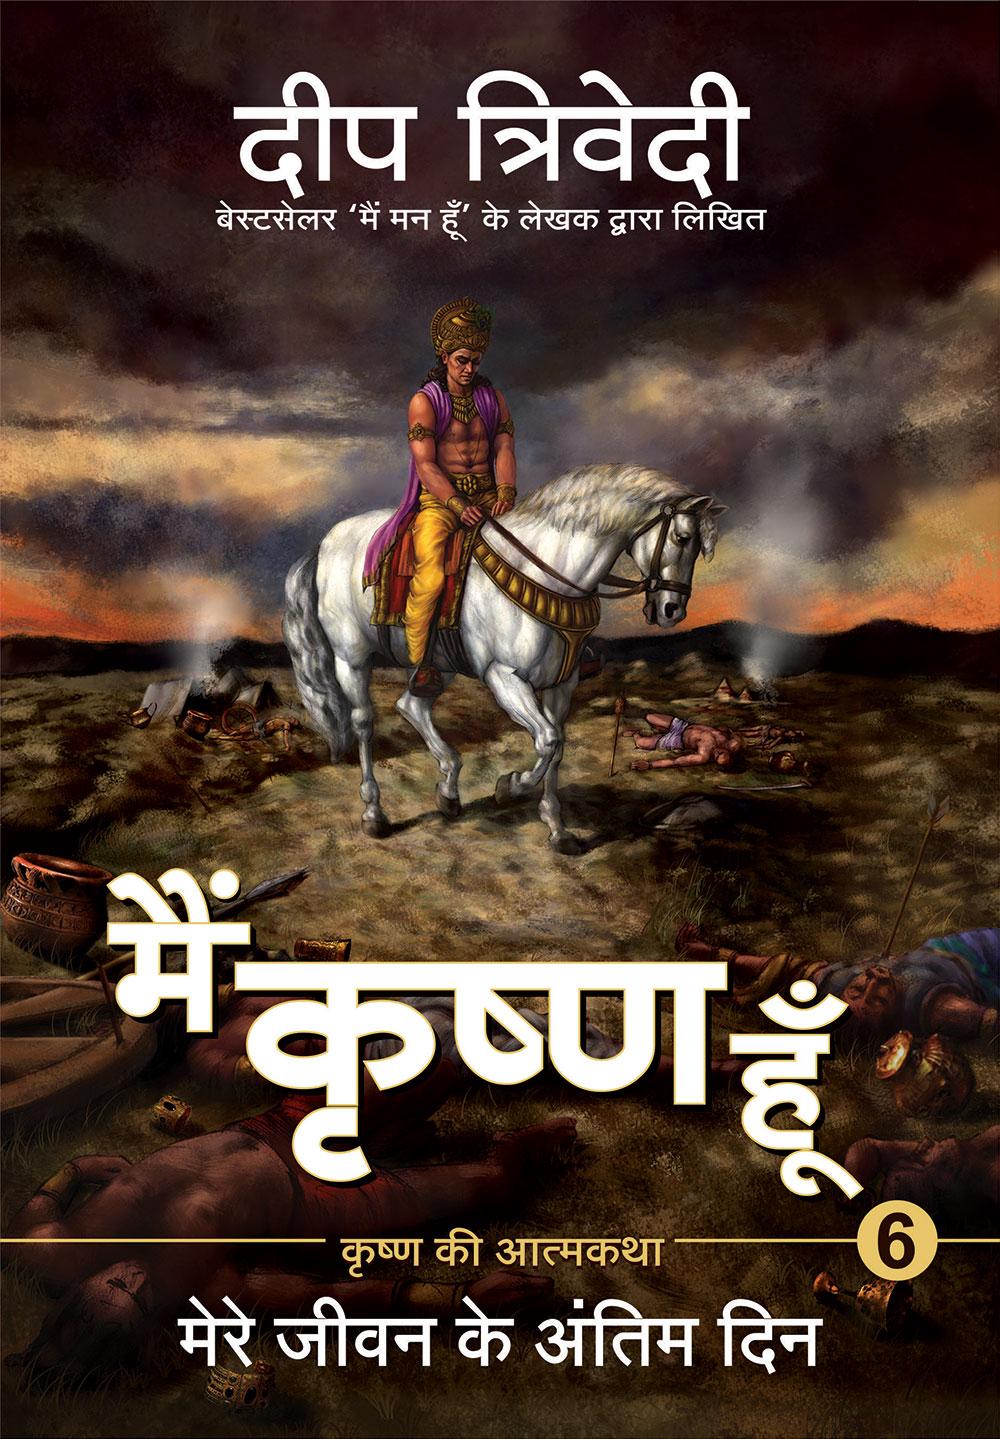 Krishna-6_Hindi